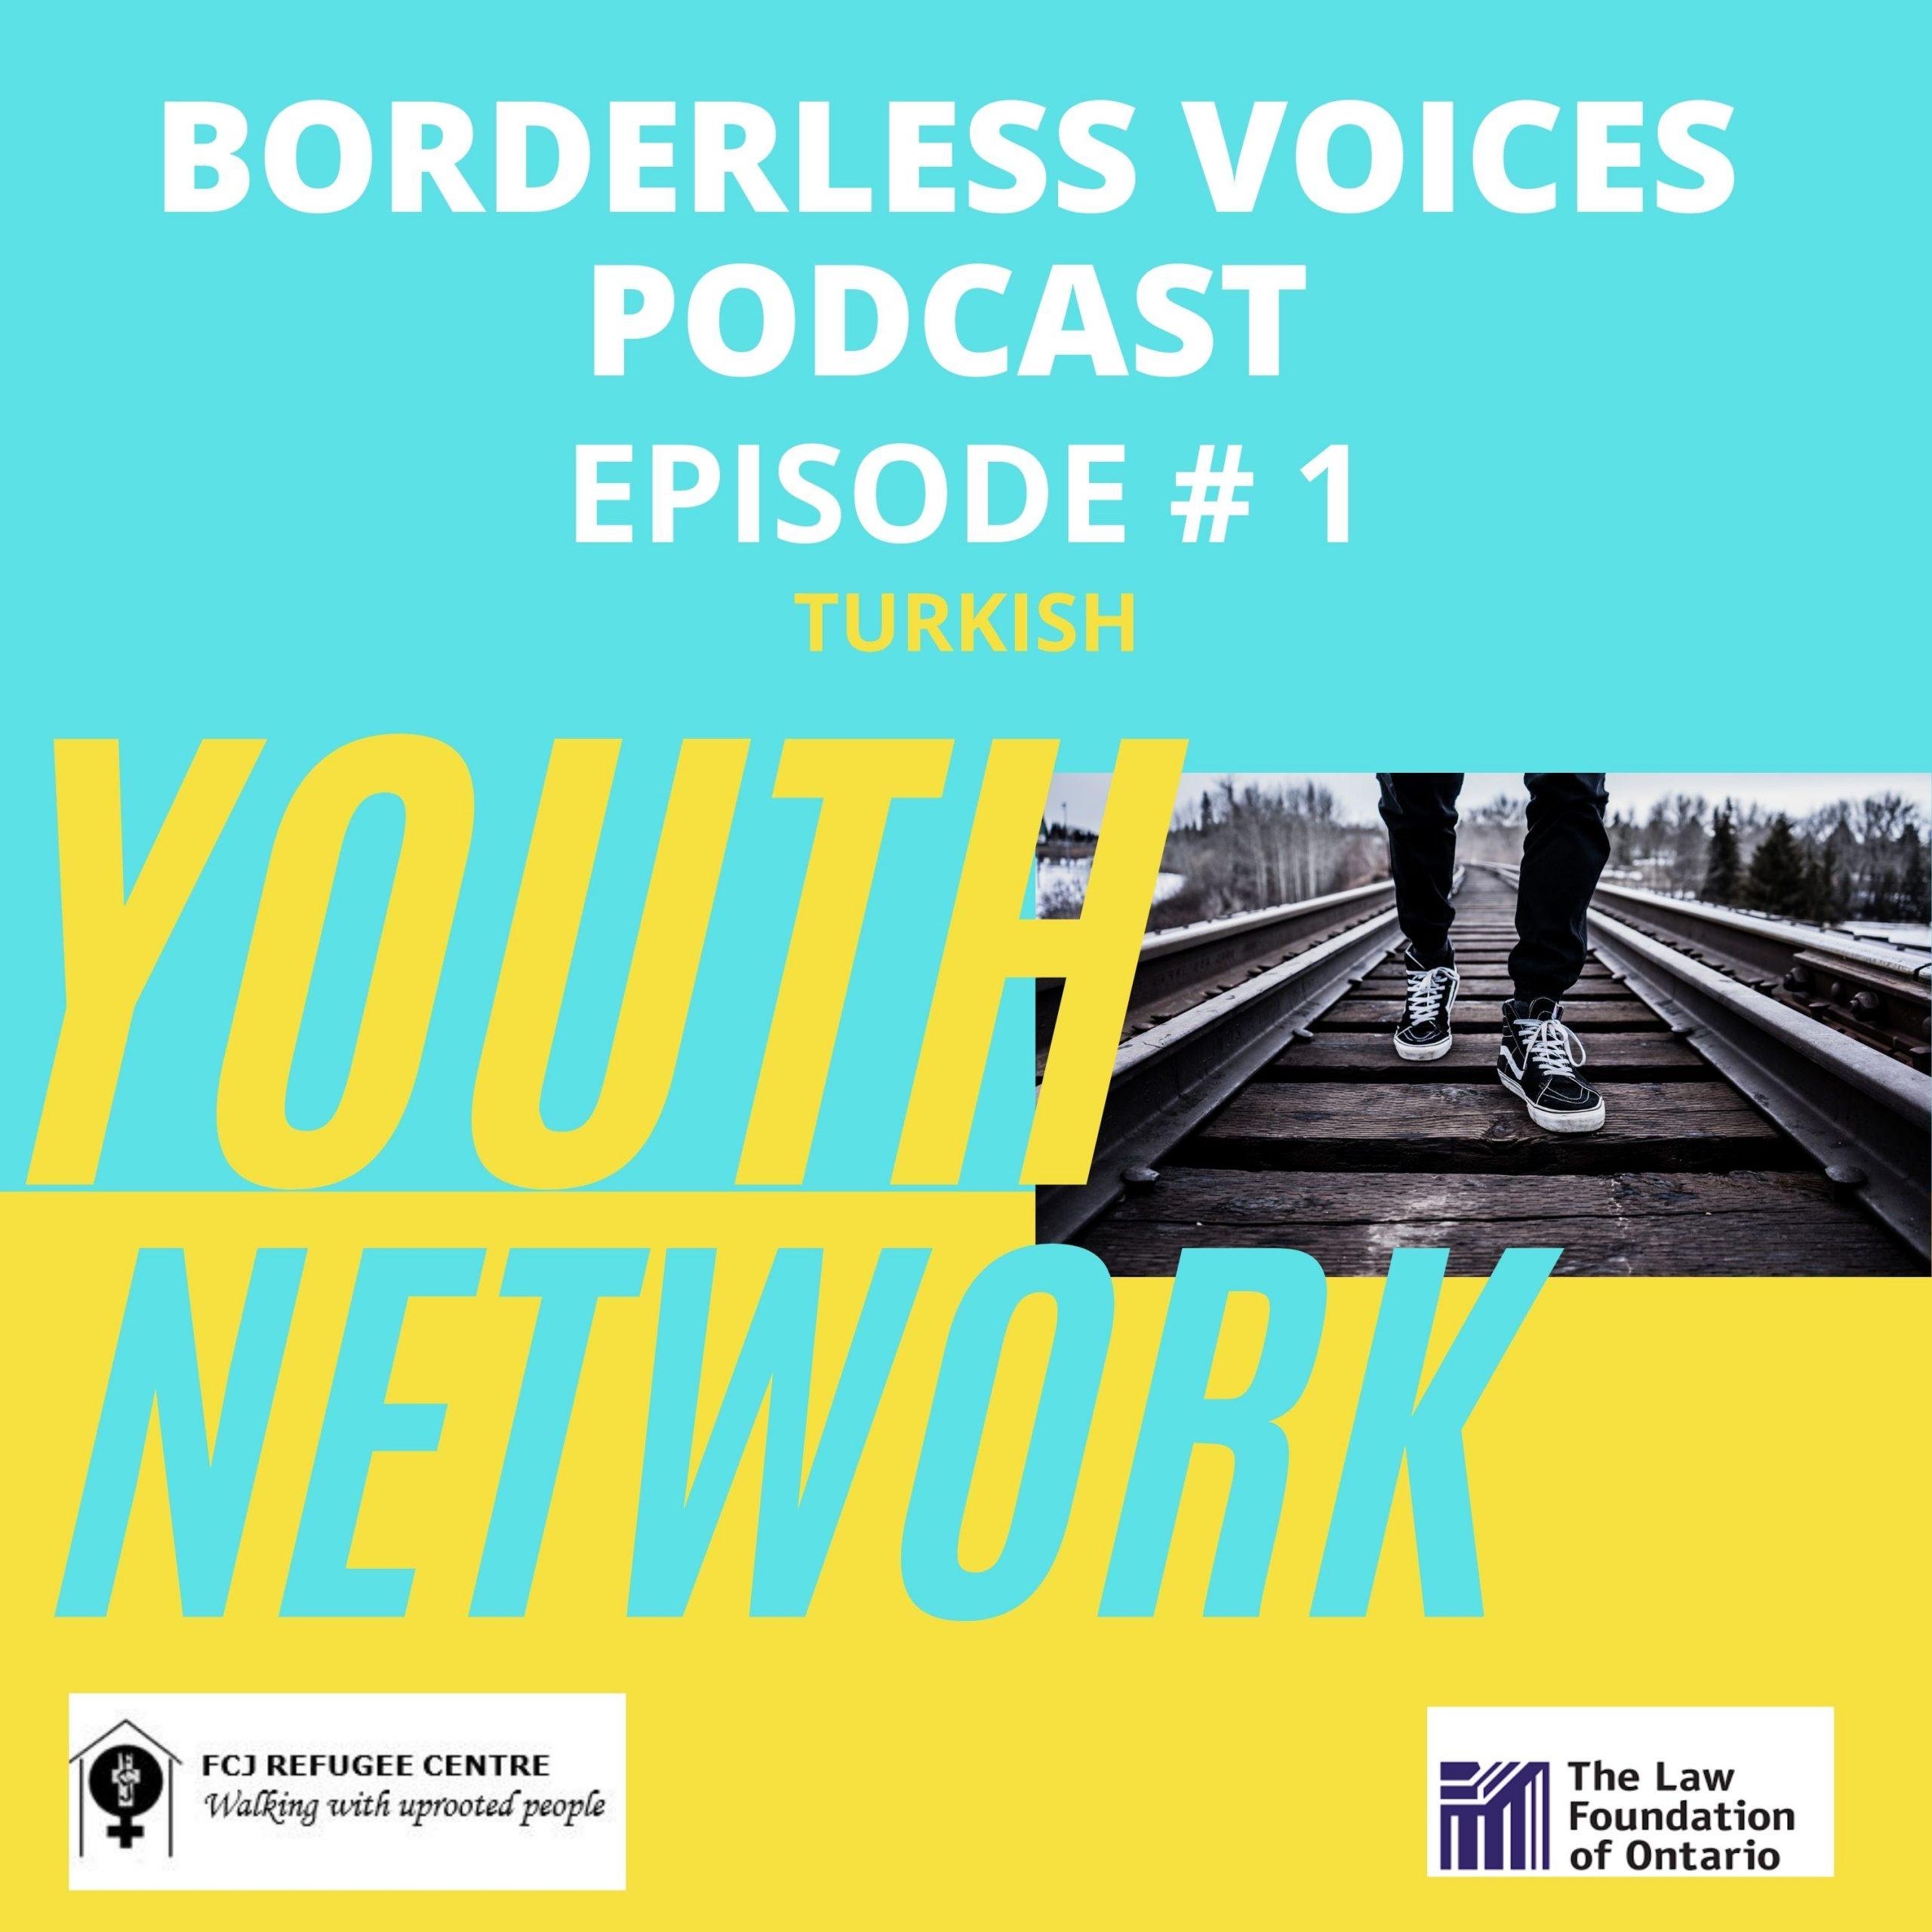 FCJ Refugee Centre Podcasts